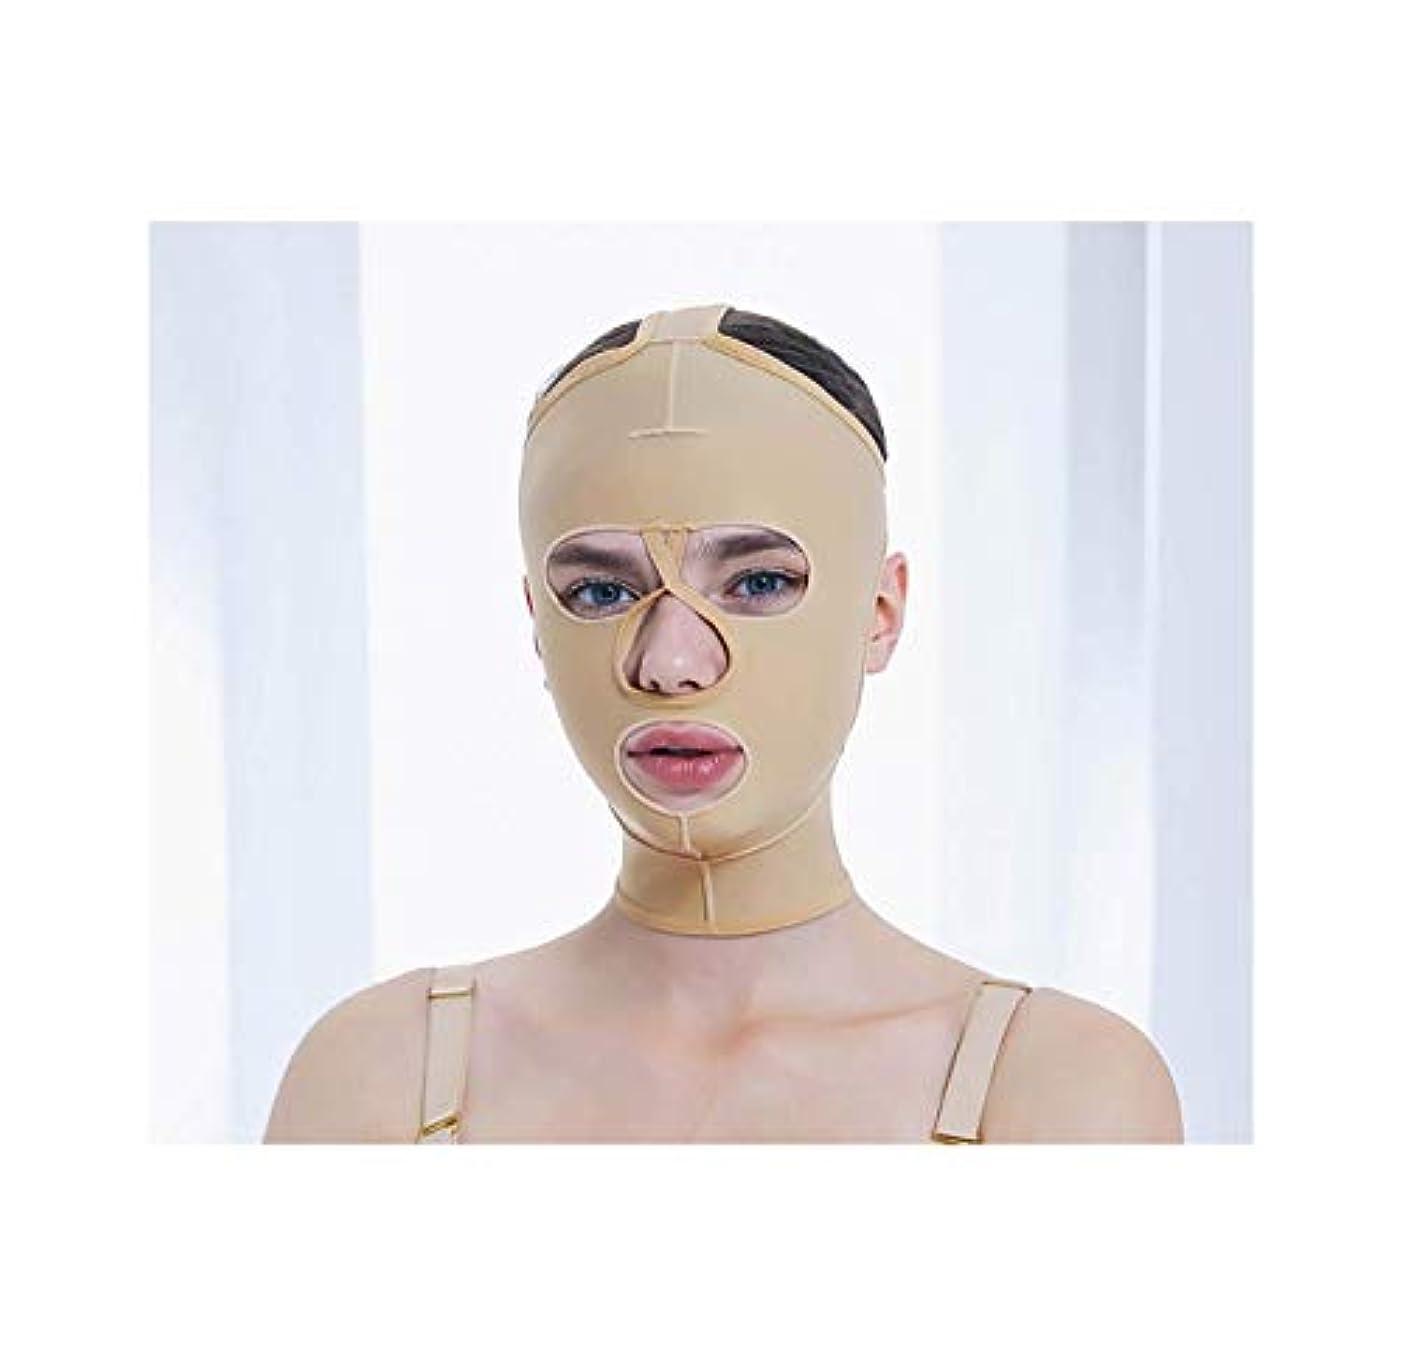 ブームクアッガ根拠フェイス&ネックリフト、減量フェイスマスク脂肪吸引術脂肪吸引整形マスクフードフェイスリフティングアーティファクトVフェイスビームフェイス弾性スリーブ(サイズ:XS),L